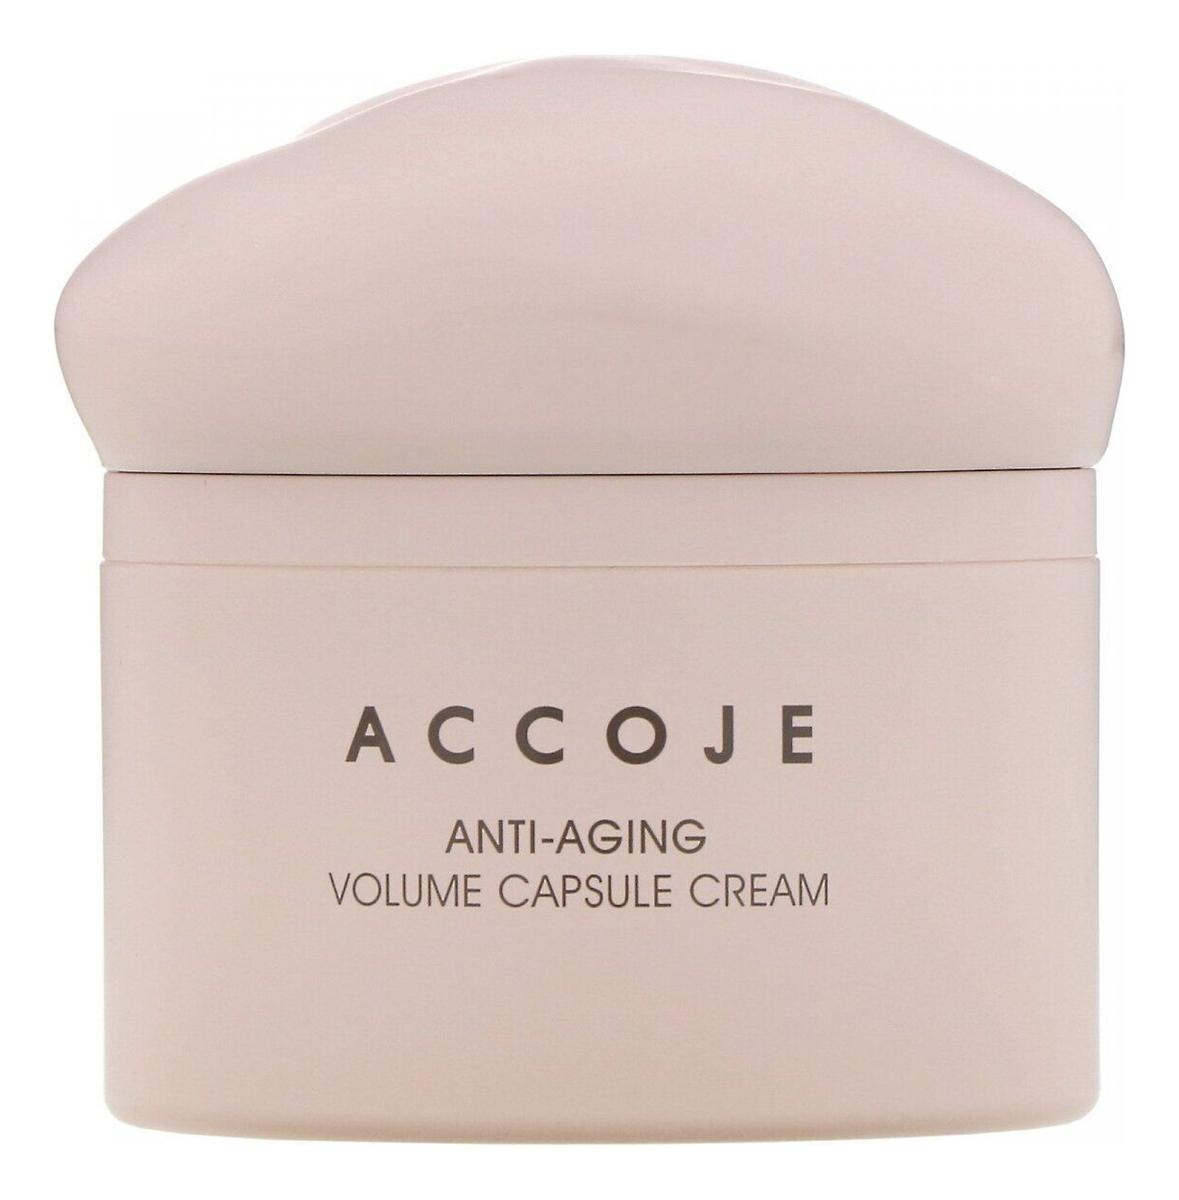 Купить Антивозрастной капсульный крем для лица Anti-Aging Volume Capsule Cream 50мл, ACCOJE